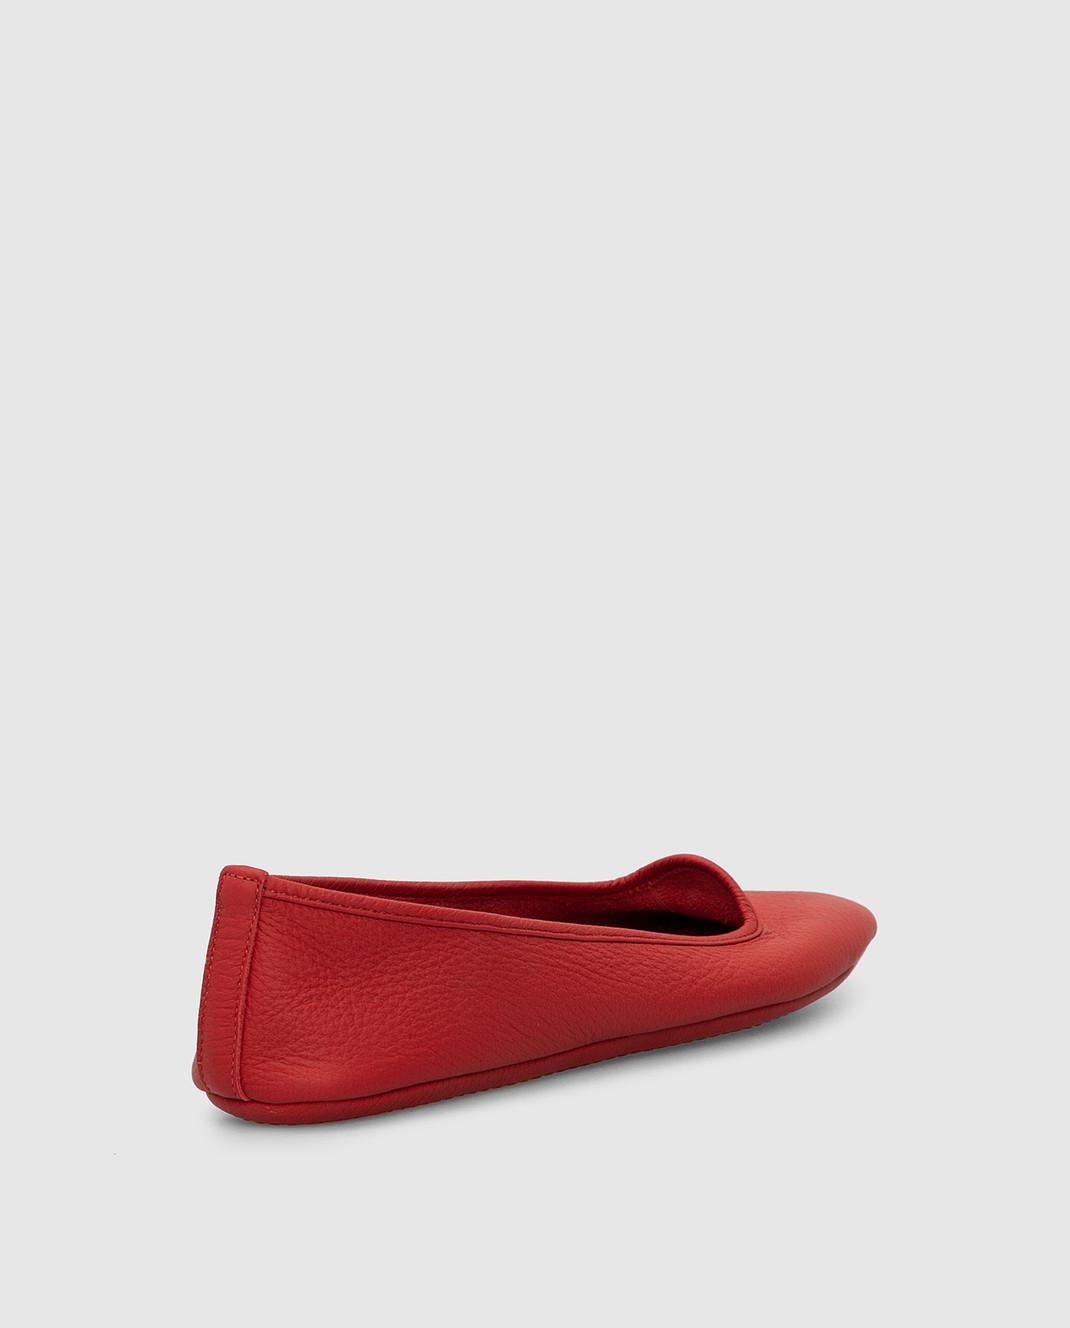 Loro Piana Красные кожаные балетки F3FAF8837 изображение 4